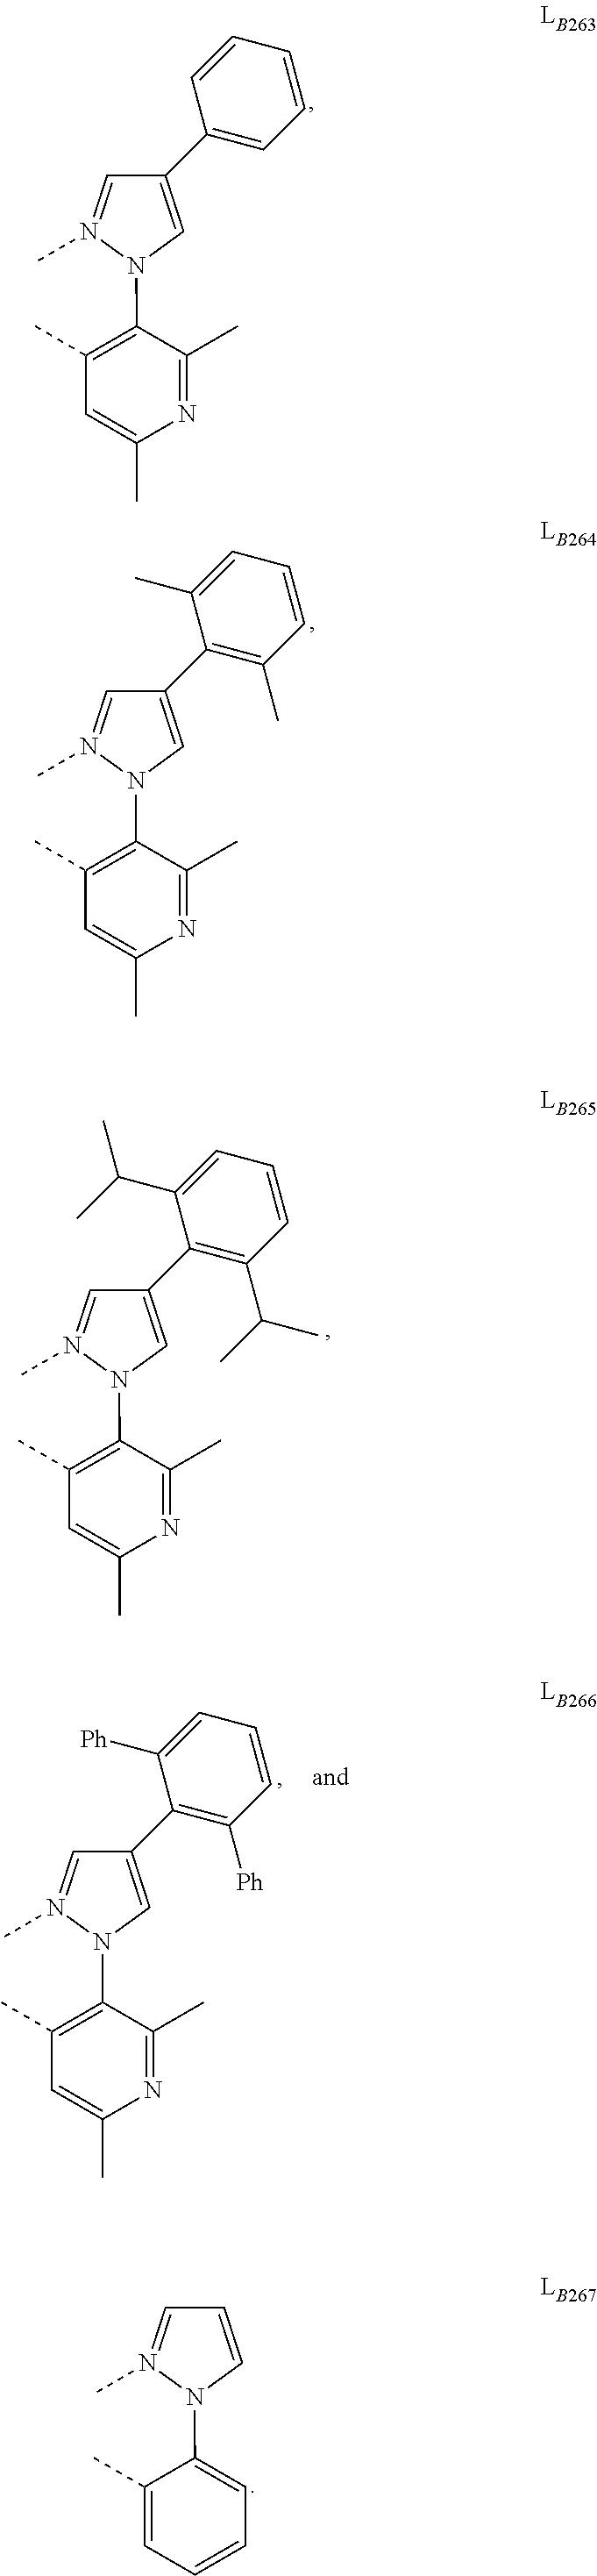 Figure US09905785-20180227-C00163